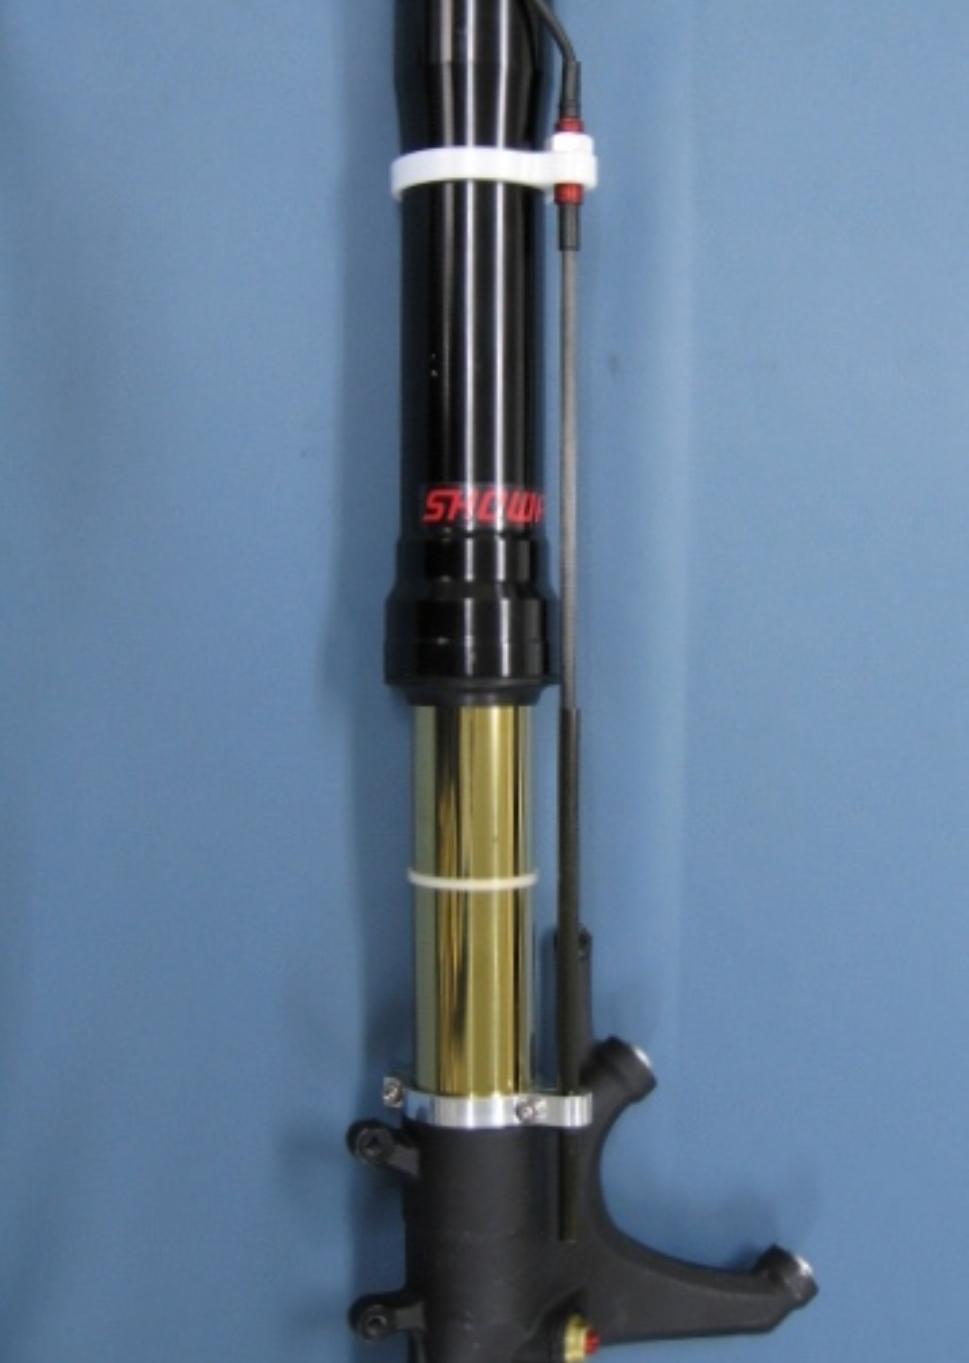 07~CBR600RR フロントストロークセンサーステーセット